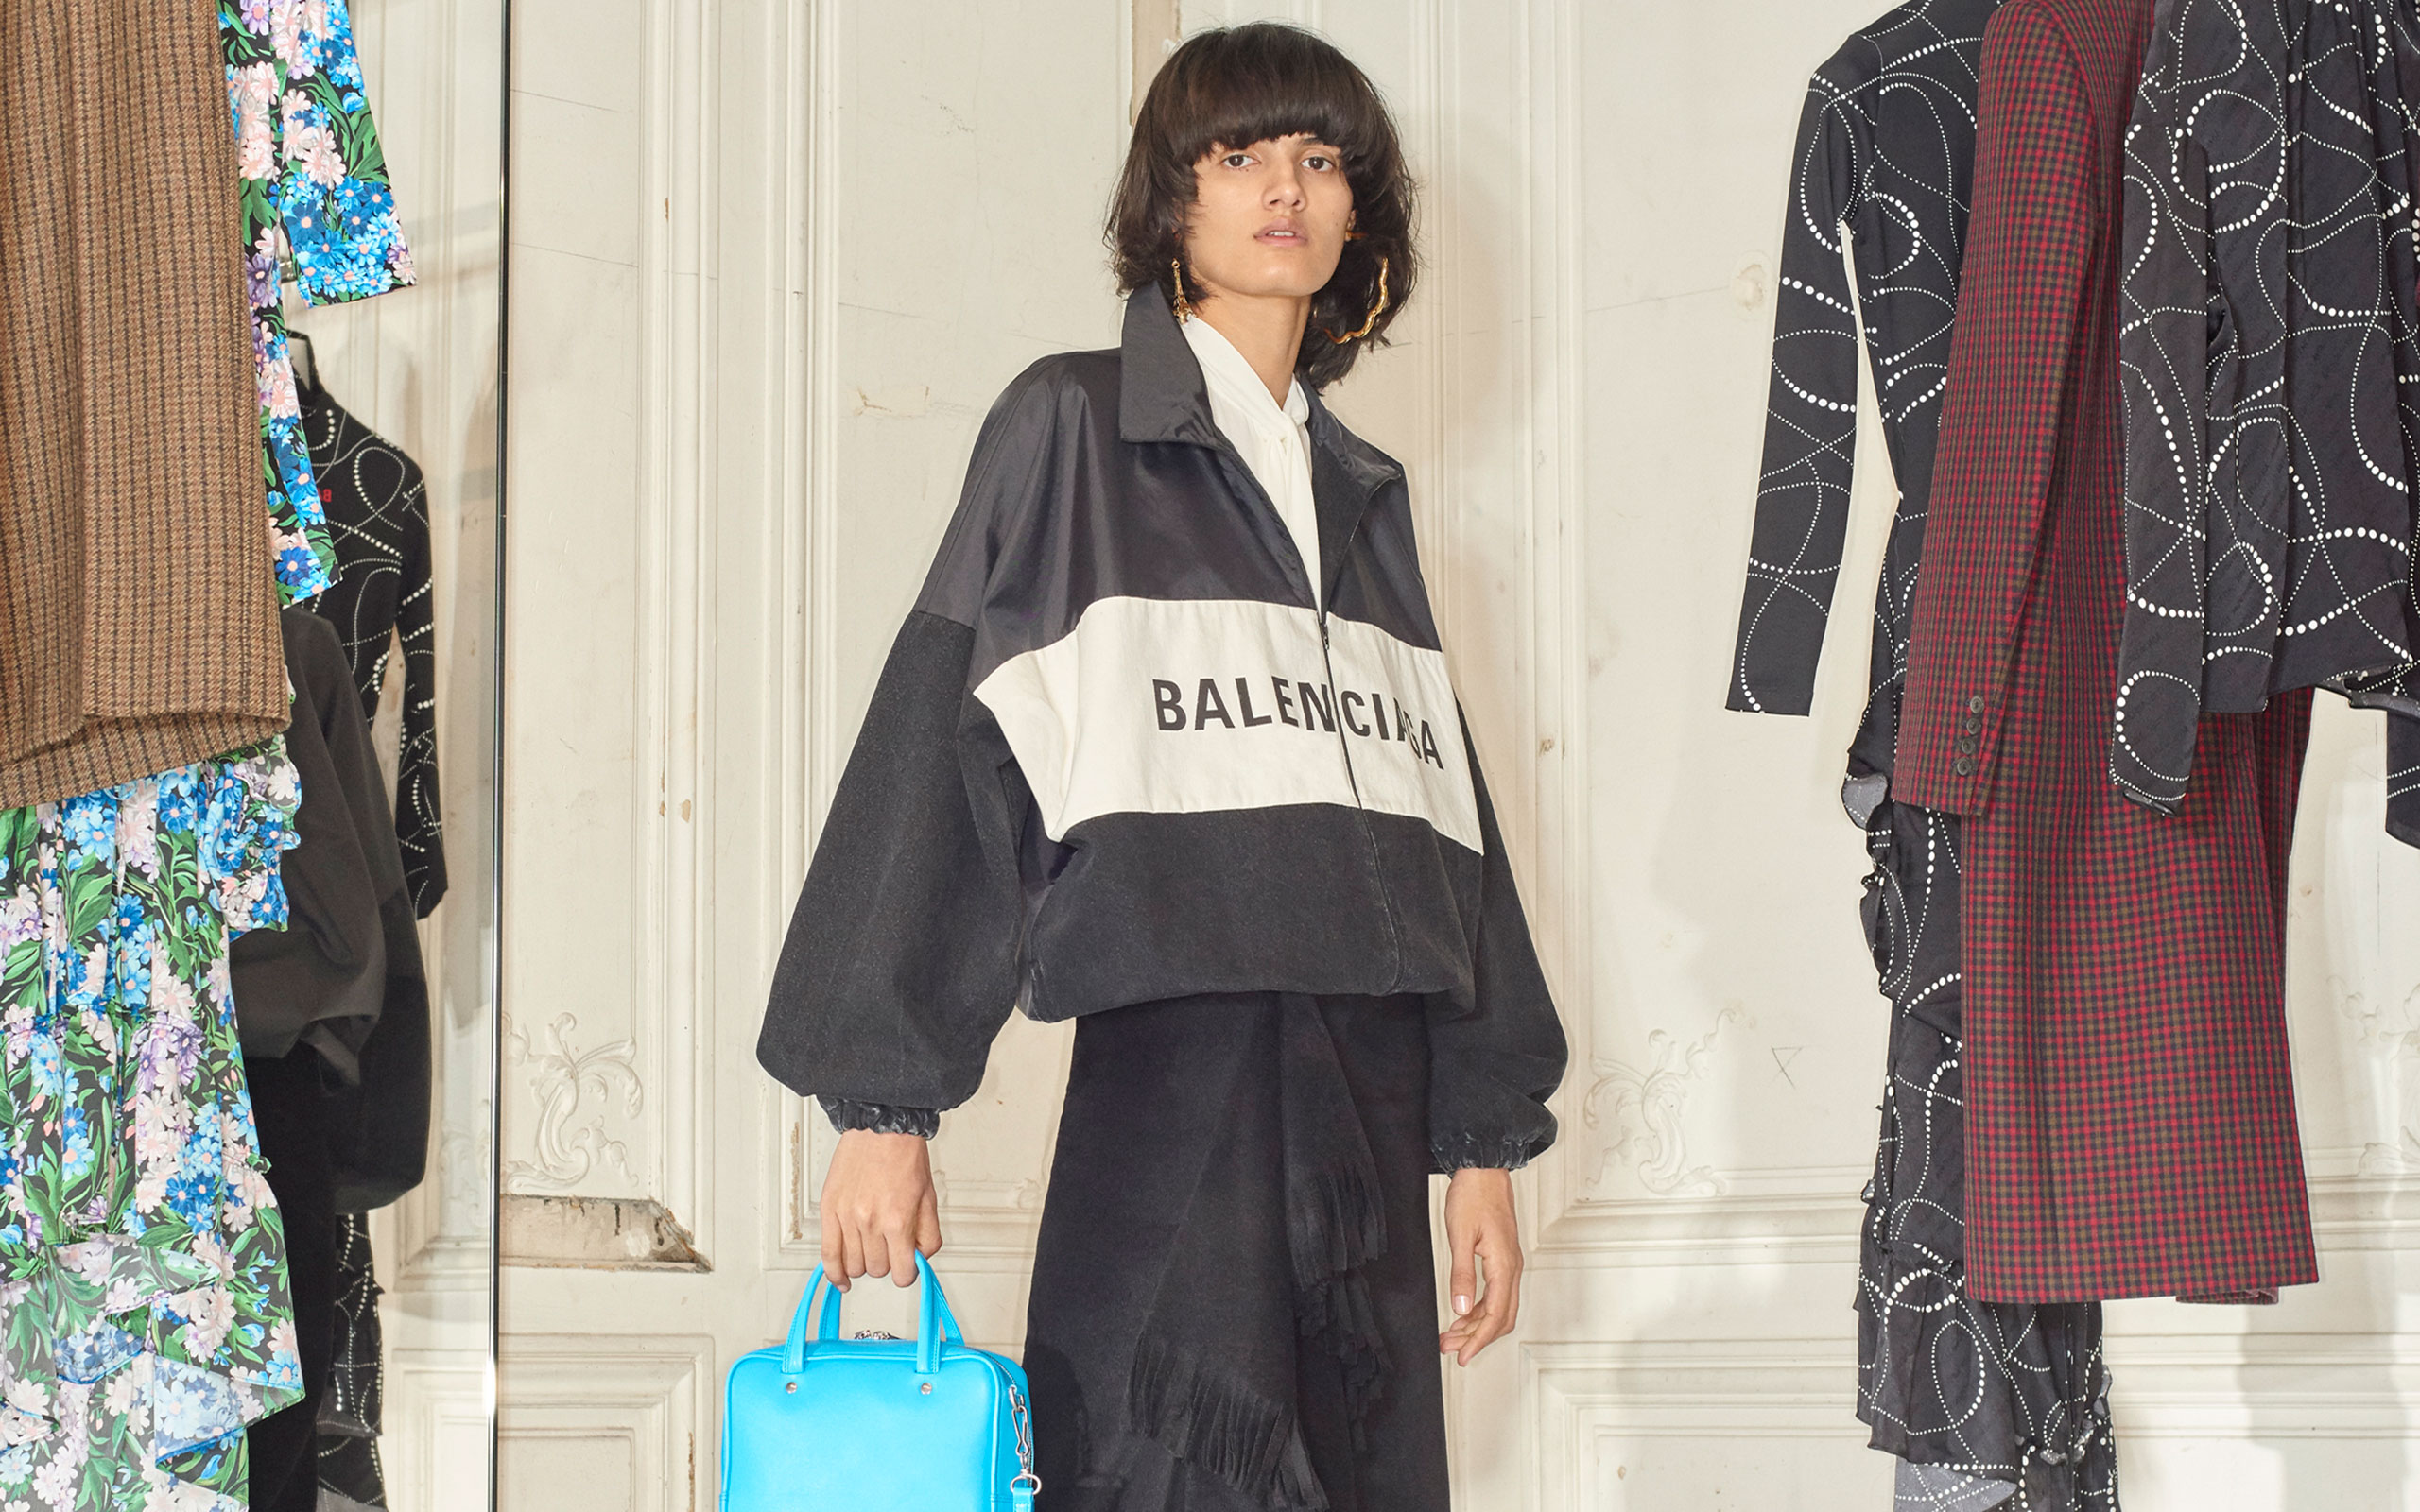 Balenciaga Introduces Women Fall 18 Collection